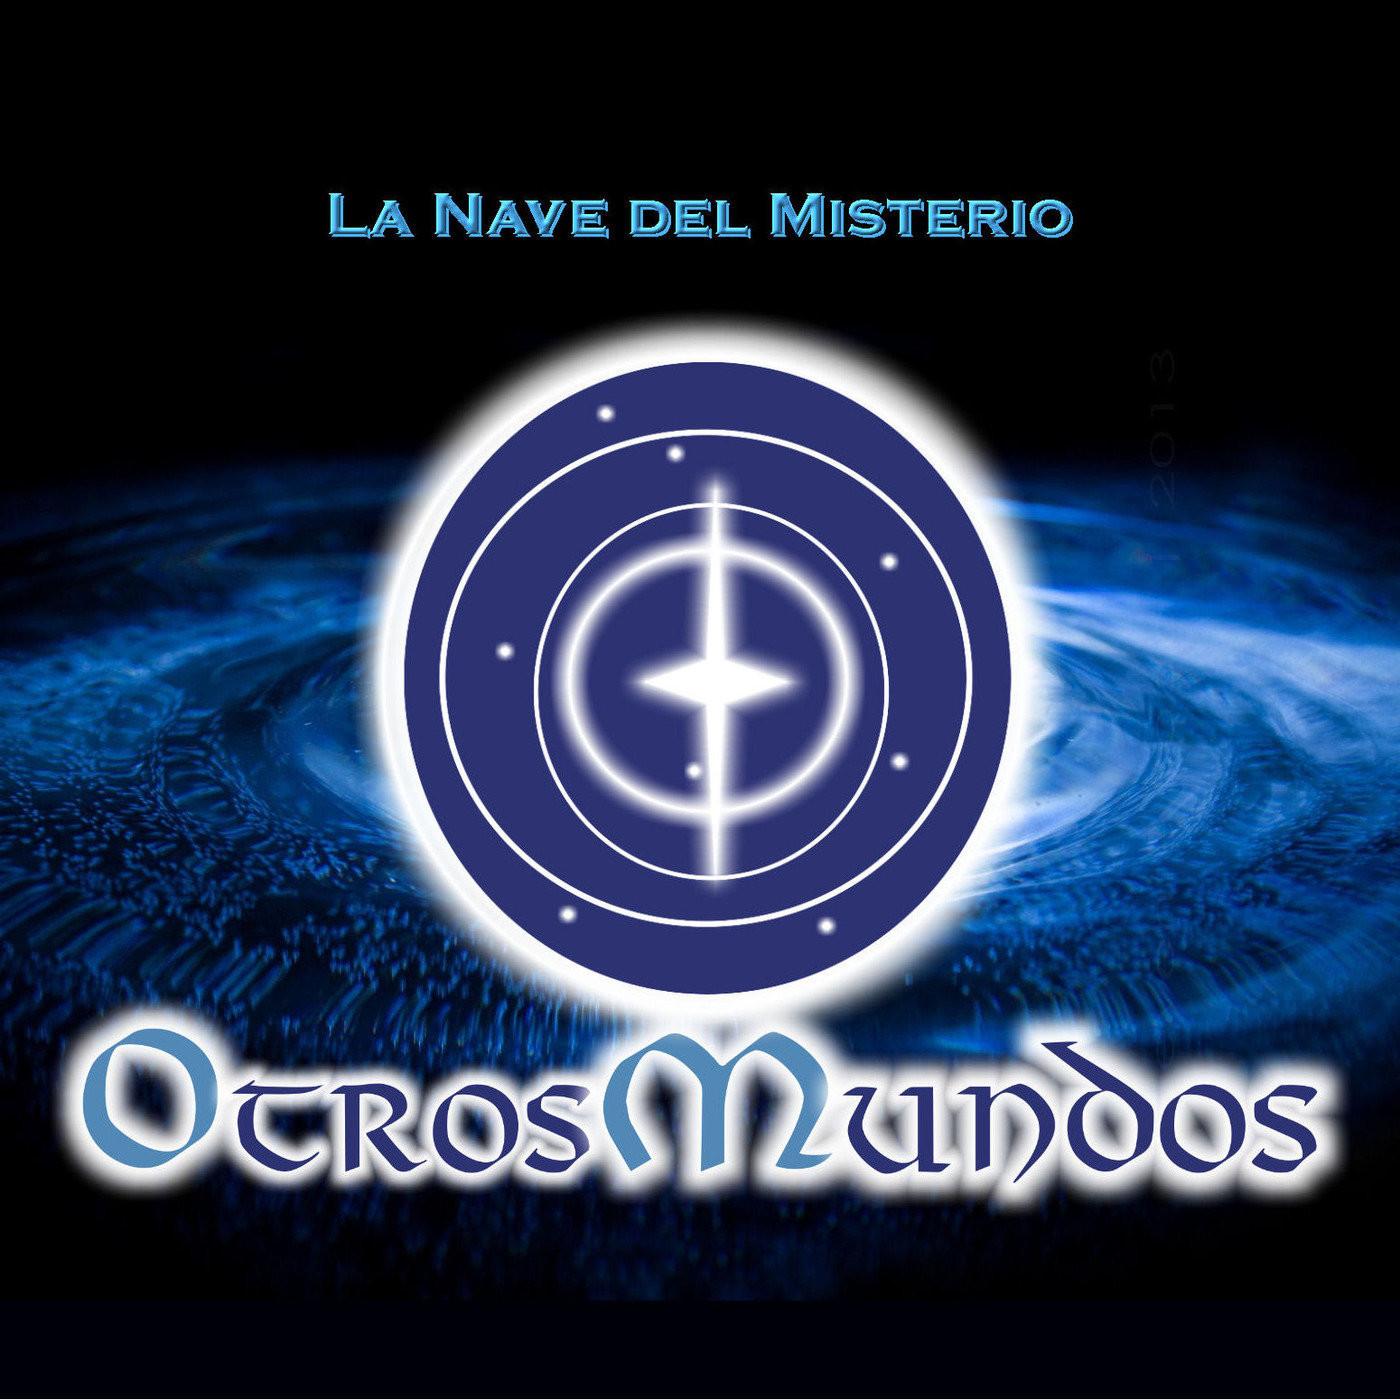 Otros Mundos T26x02: Al otro lado de la Ouija • Viajando hacia el remoto pasado • Actualidad del misterio y